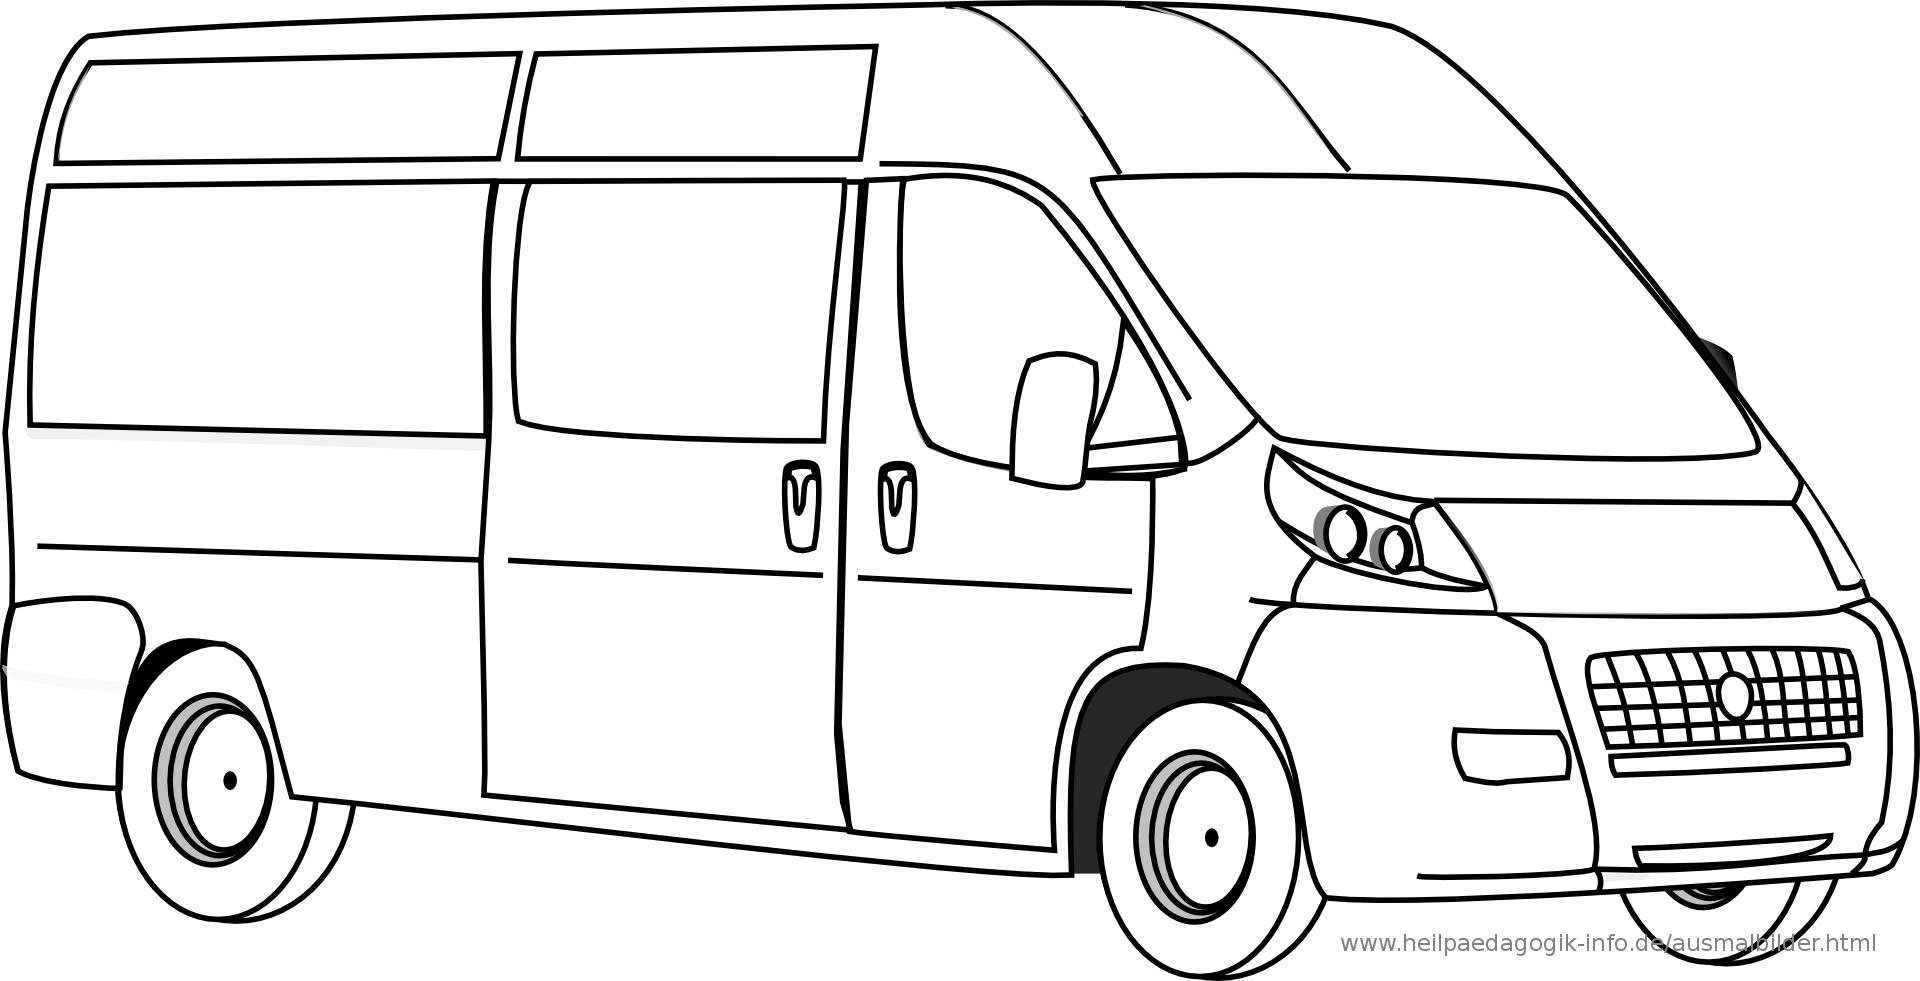 Ausmalbilder Autos Transporter | ausmalbilder | Pinterest